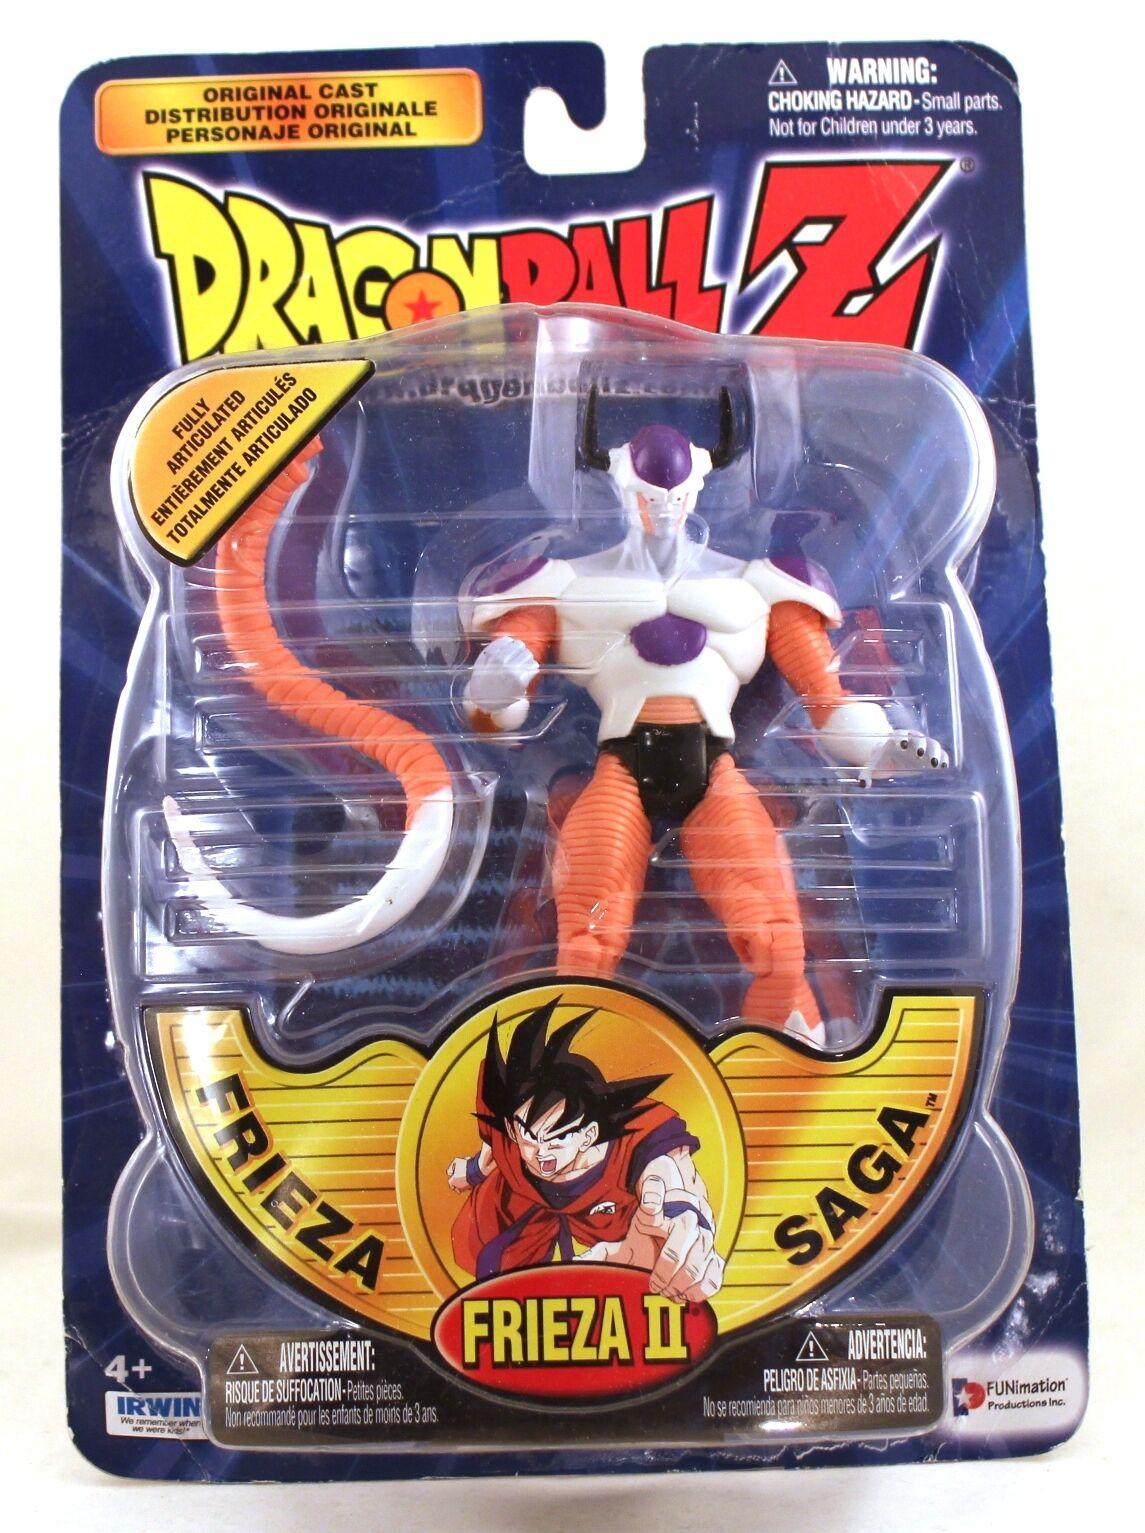 2000 dragonball z - 6  frieza saga frieza ii actionfigur auf verschlossene irwin.